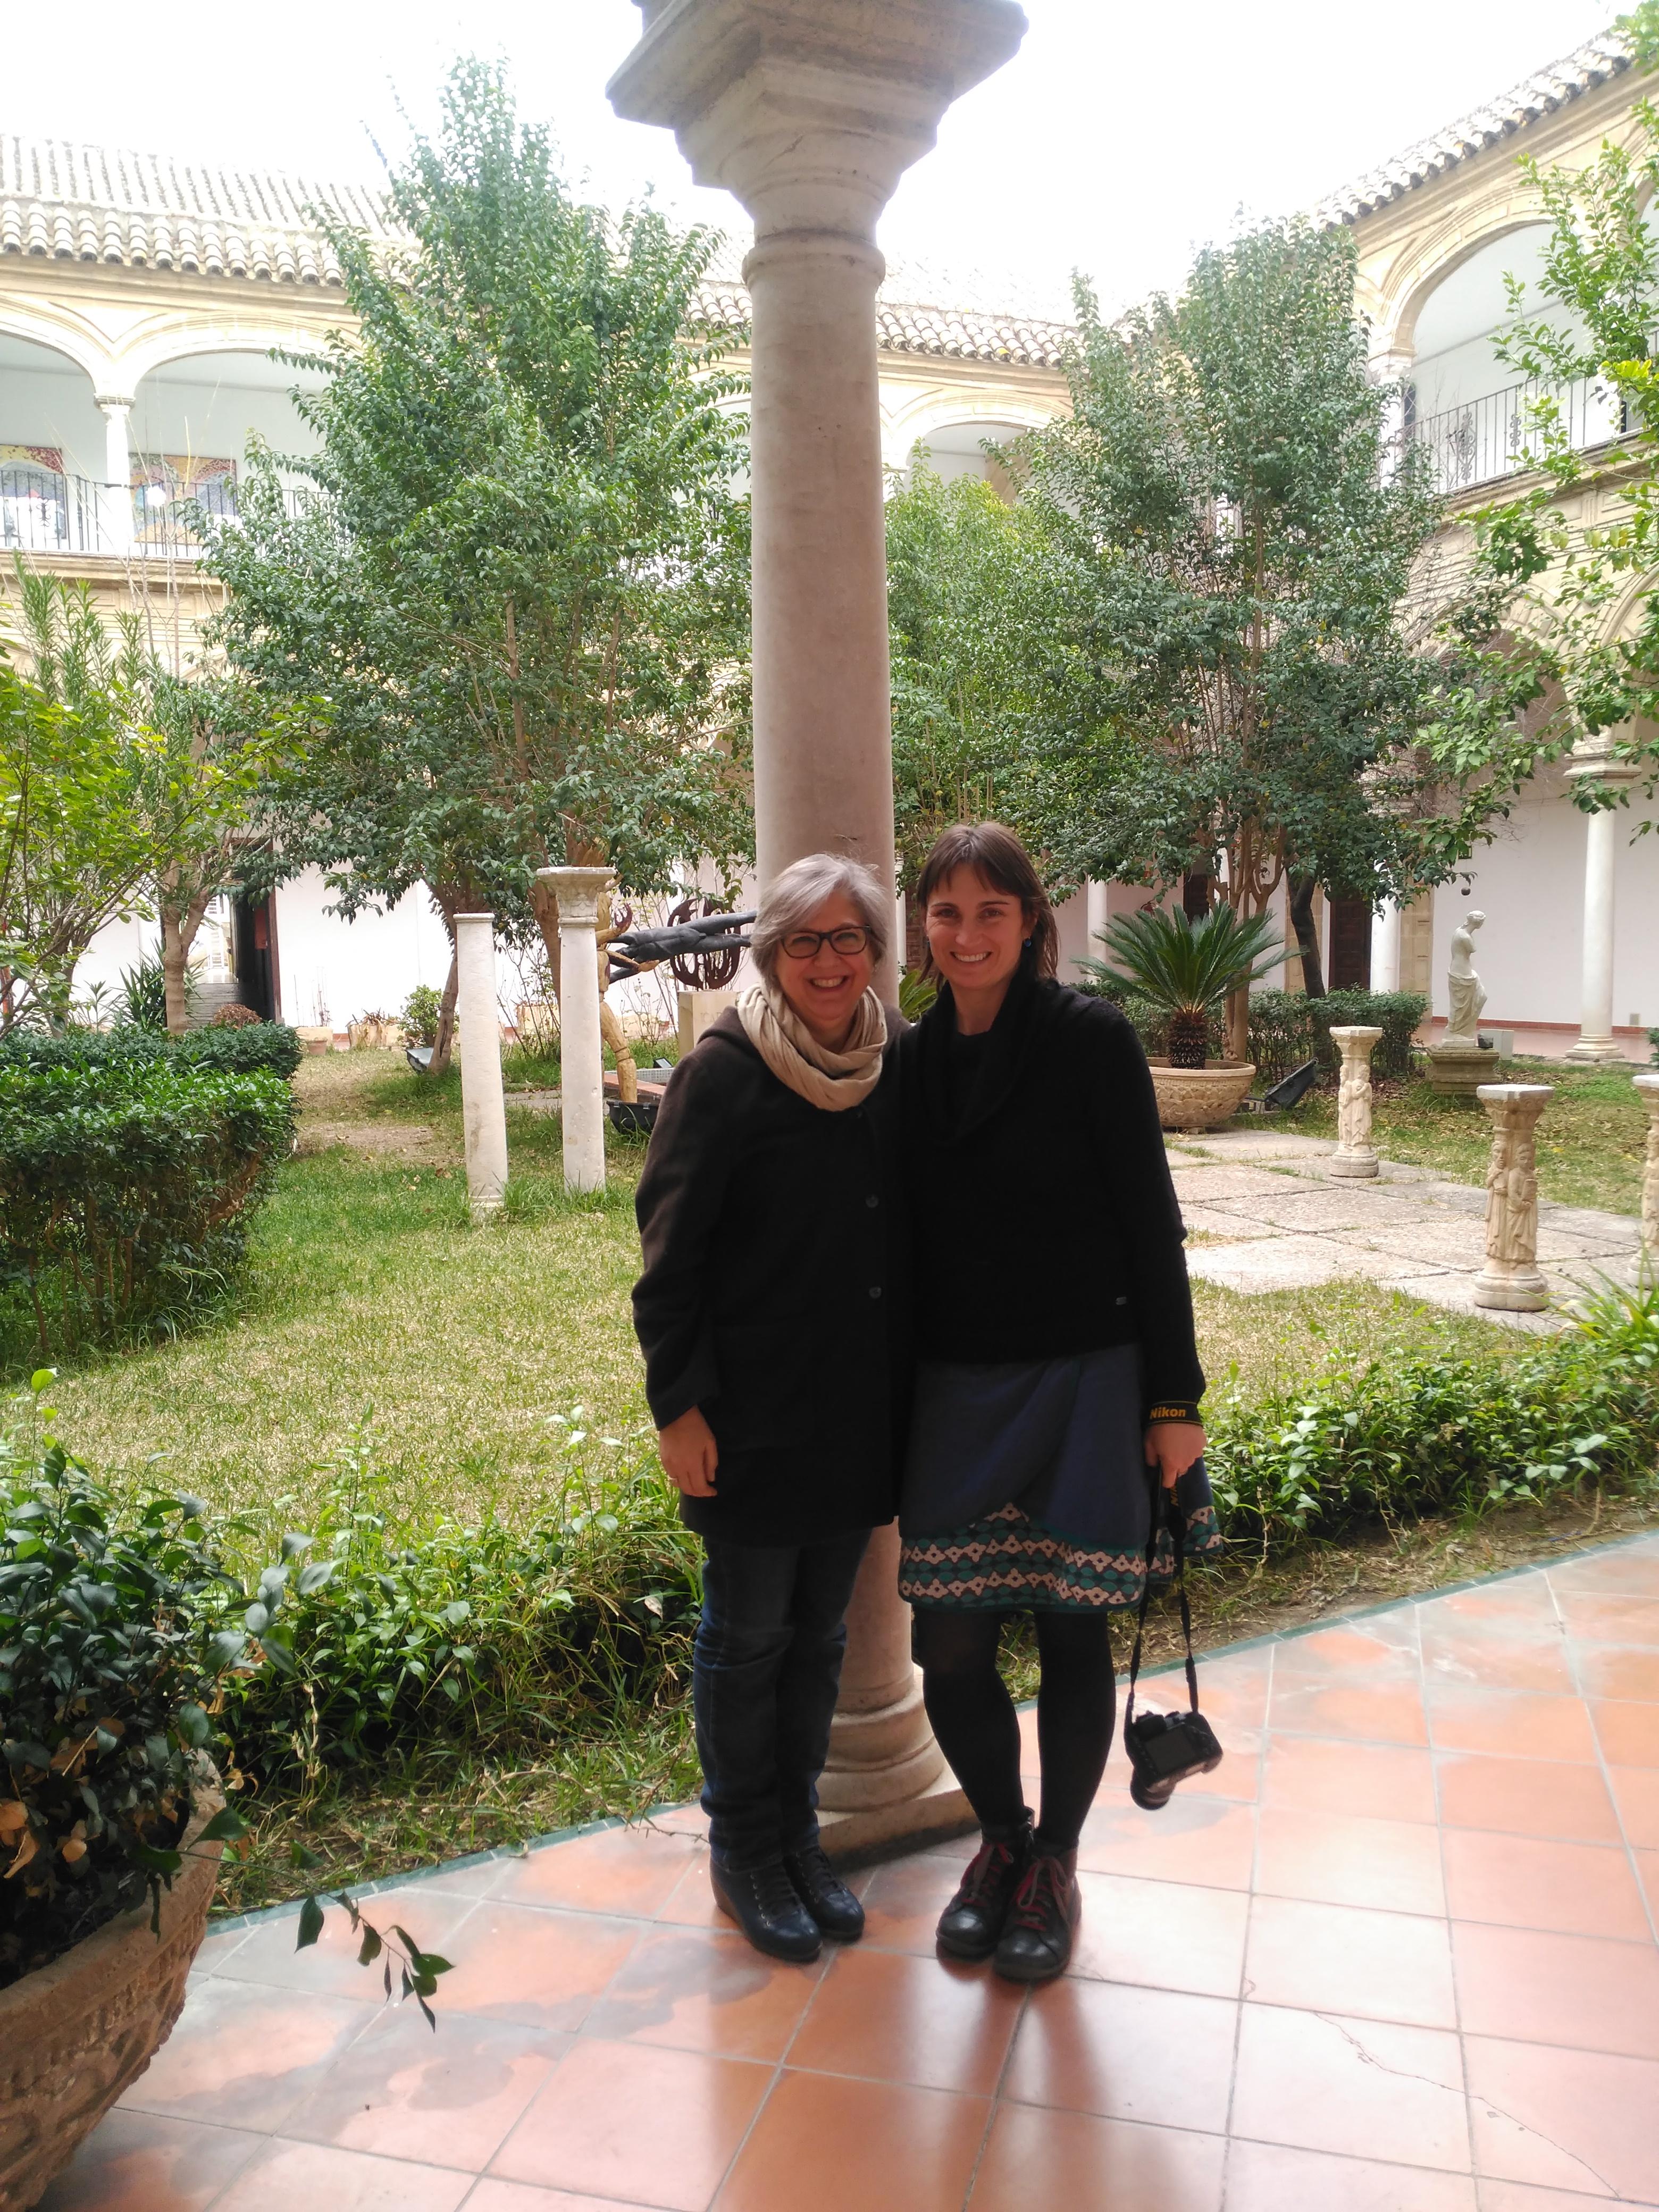 profesora de la república checa, nueva visitante erasmus en febrero